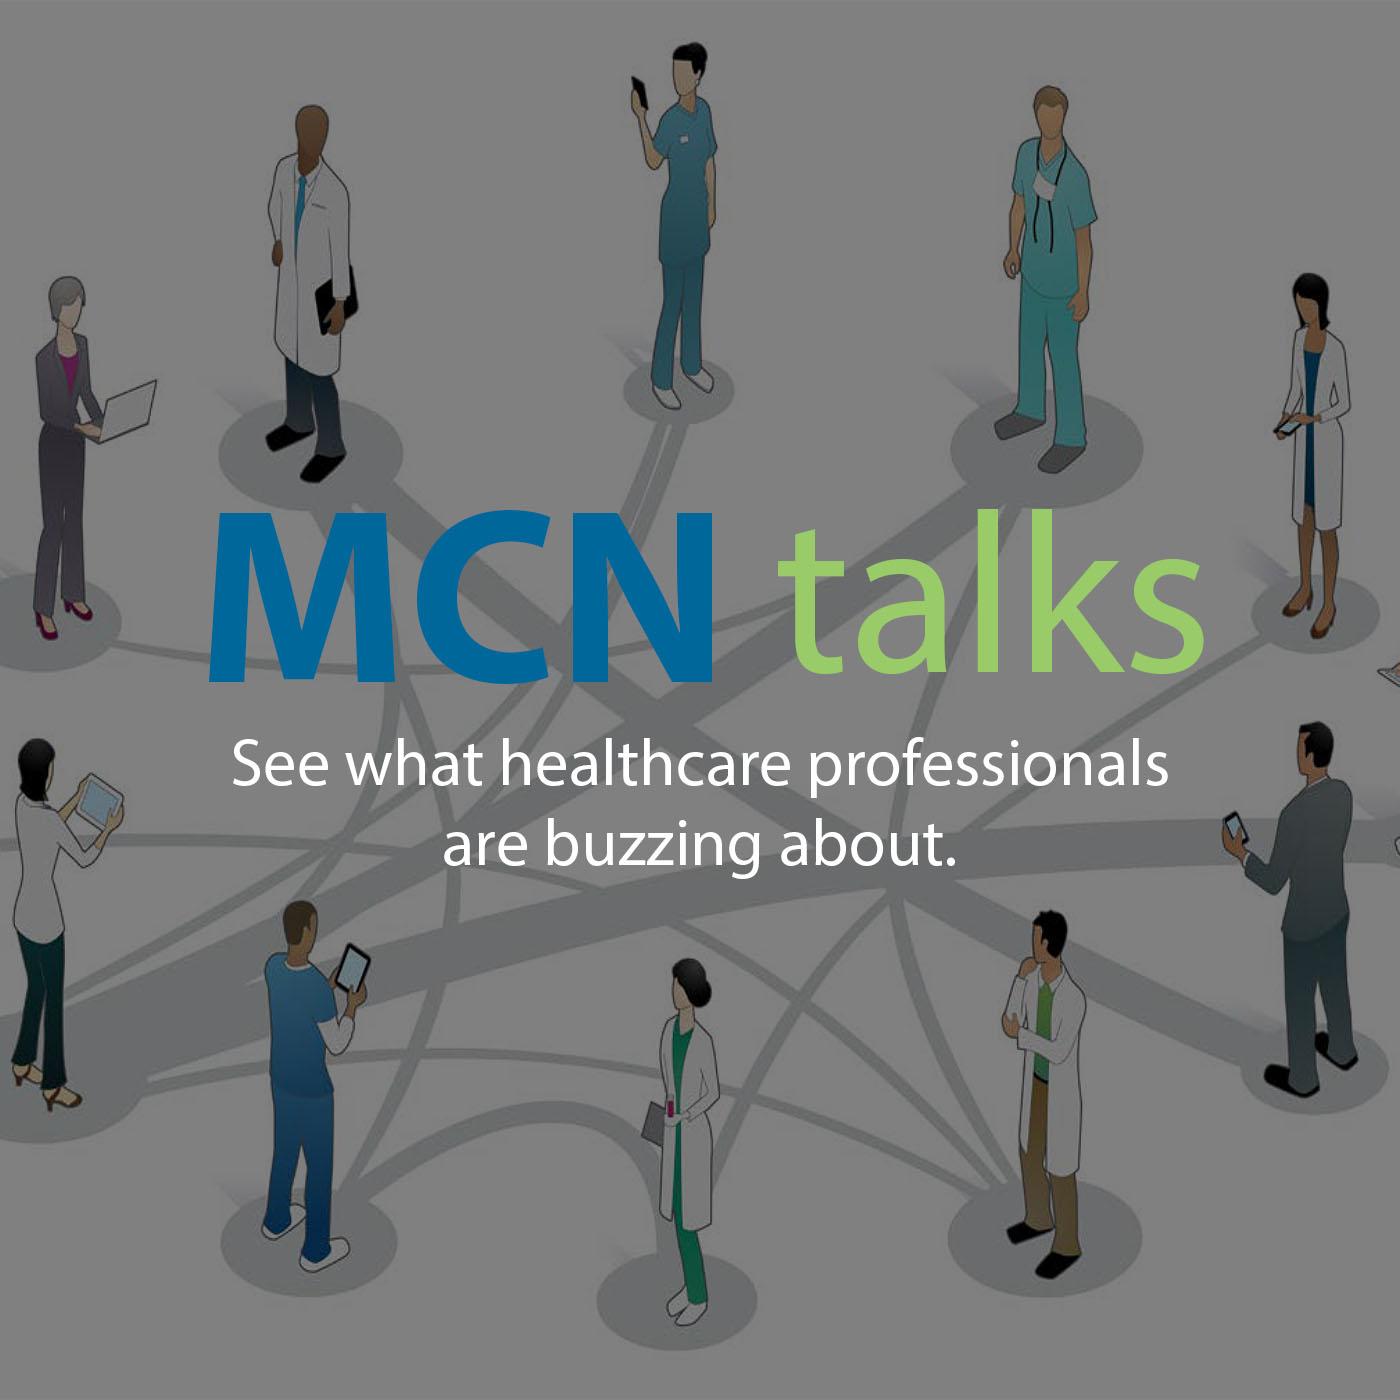 MCN Talks